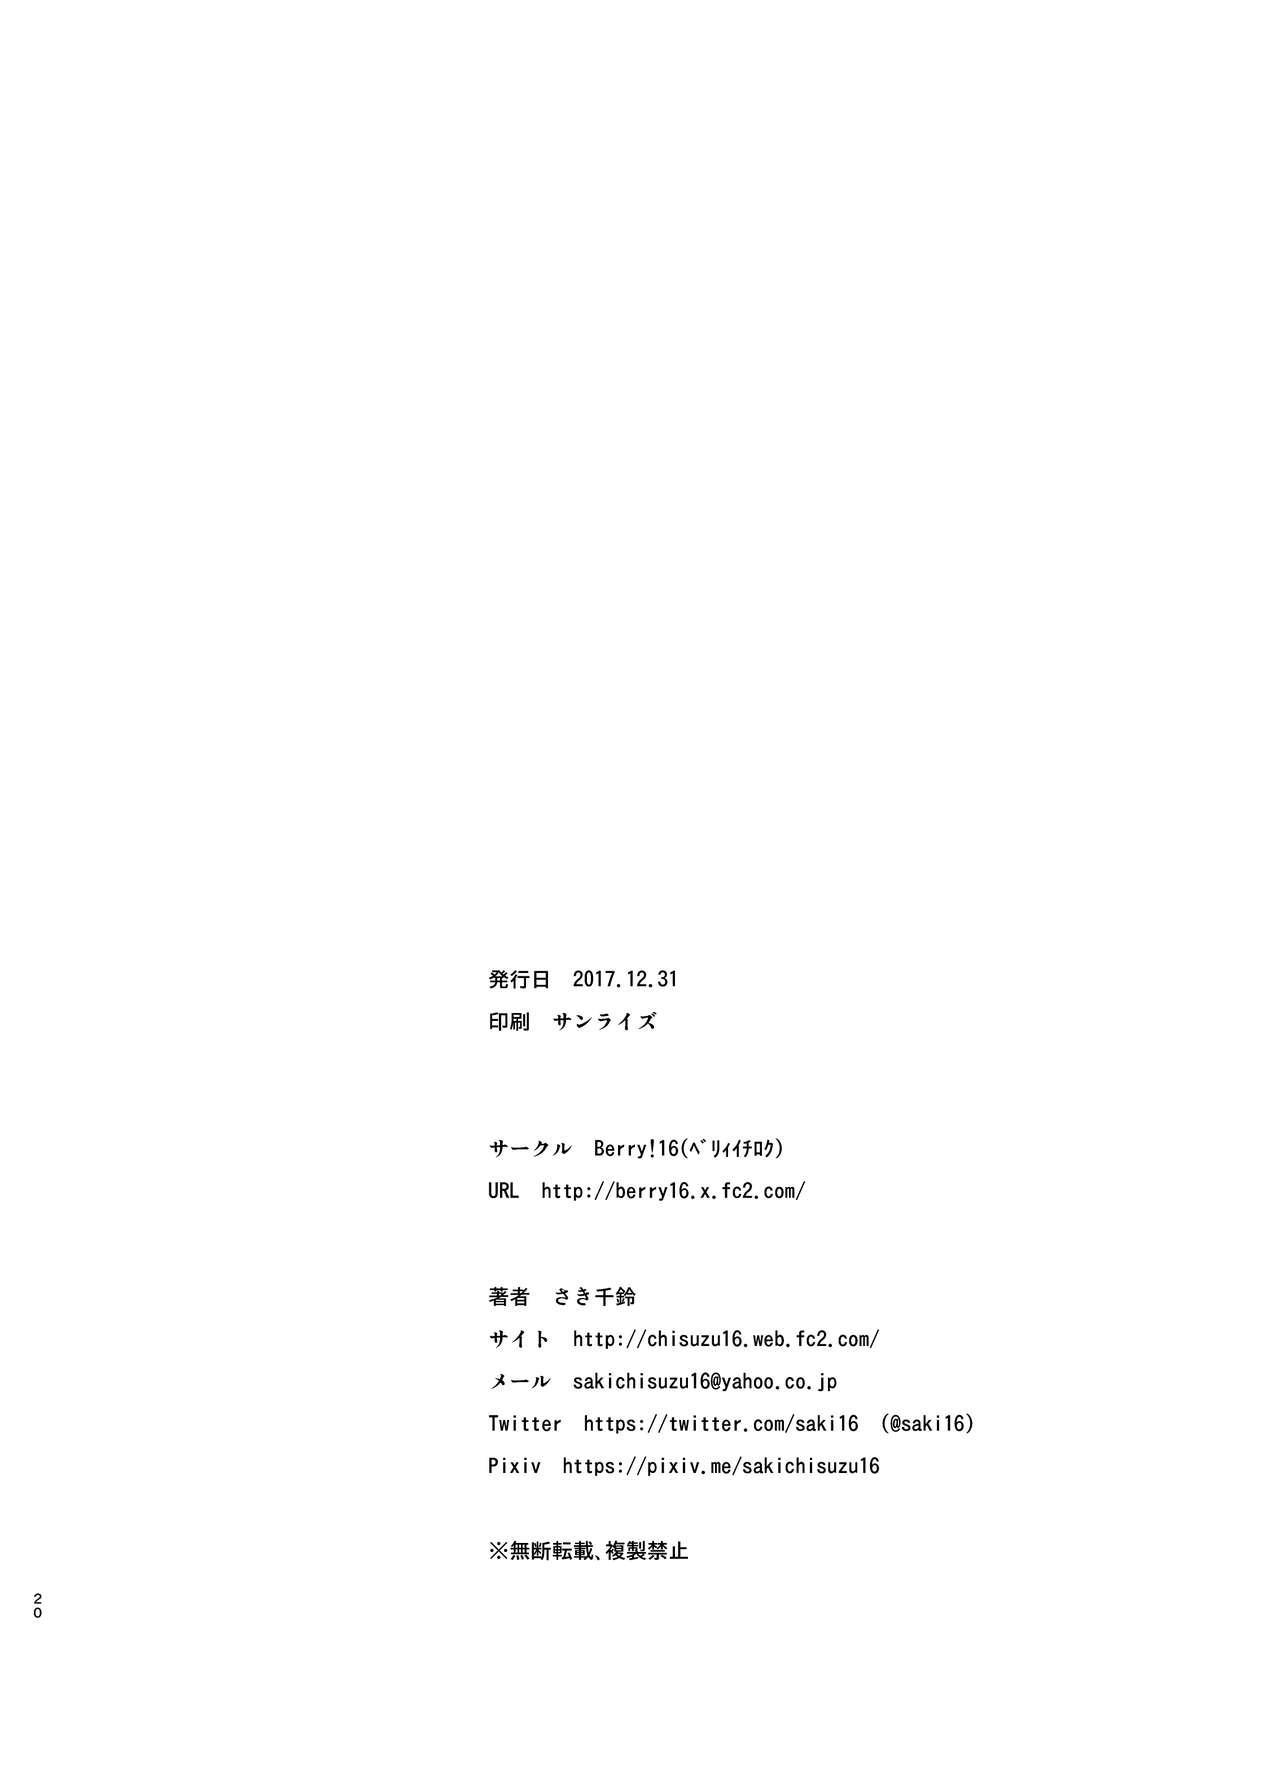 Cinderella Girls no Kuchukuchu Onanie Selection 21